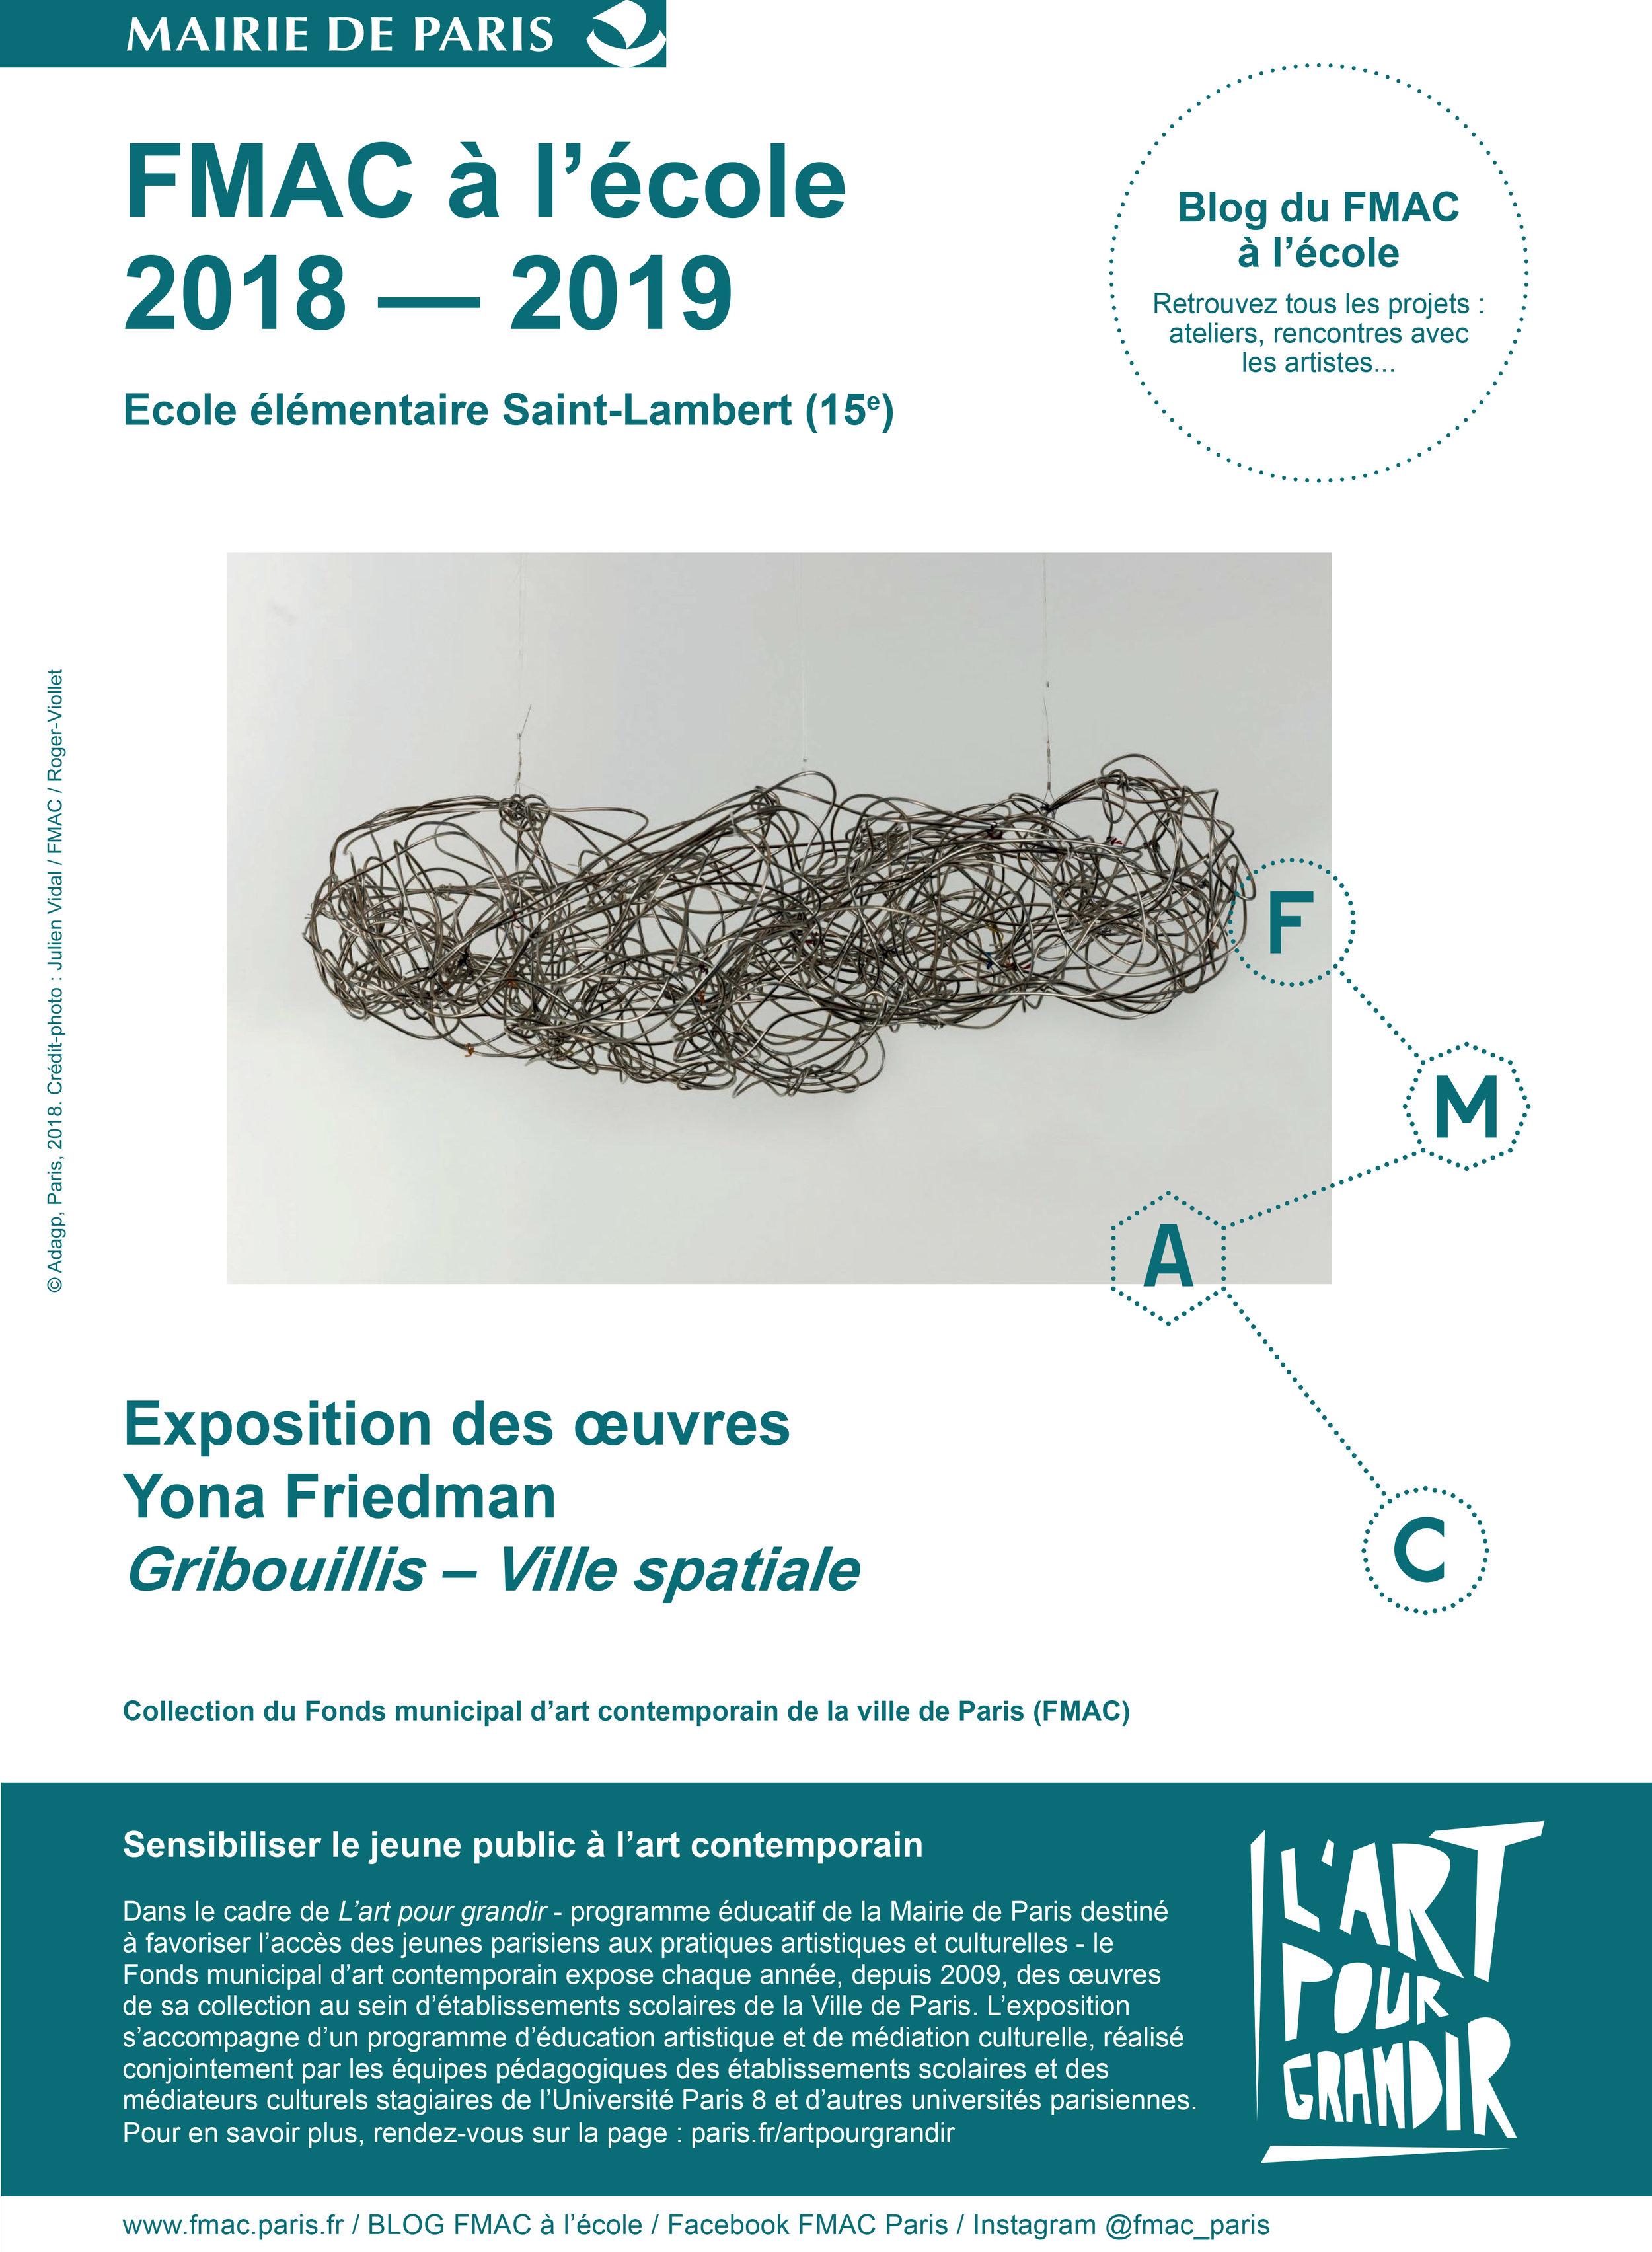 Affichette ter_signaletique_A3_ 1 exemplaire-8.jpg